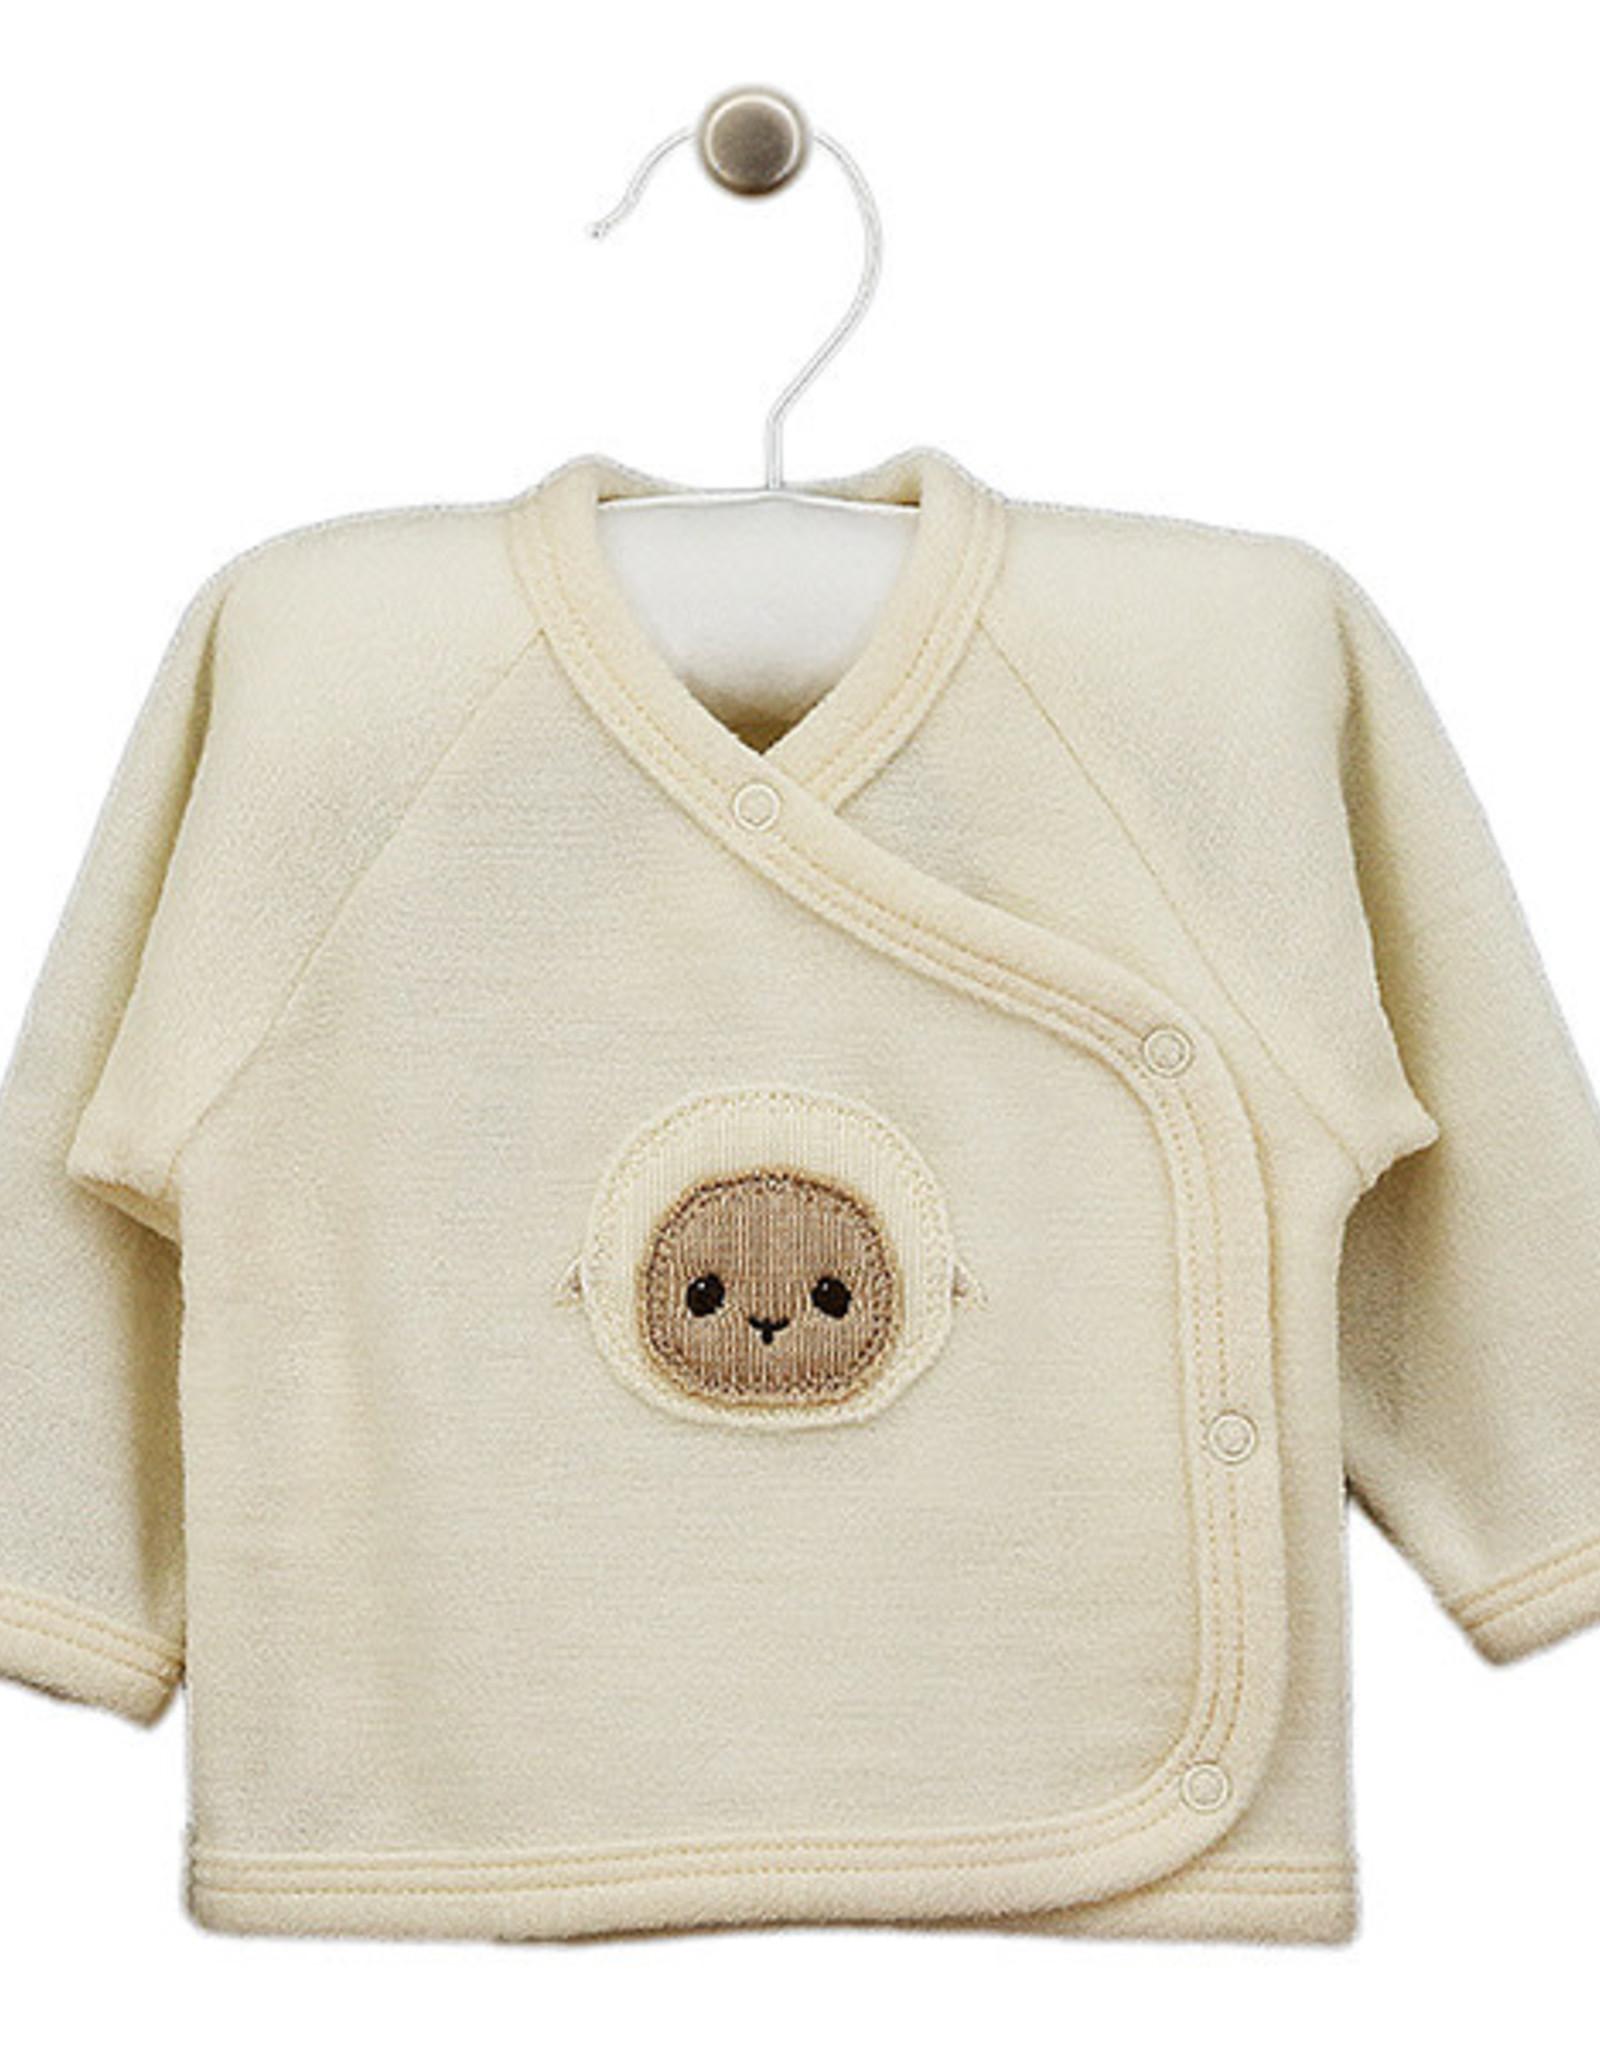 Lorita Jacket Merino Wool 1560